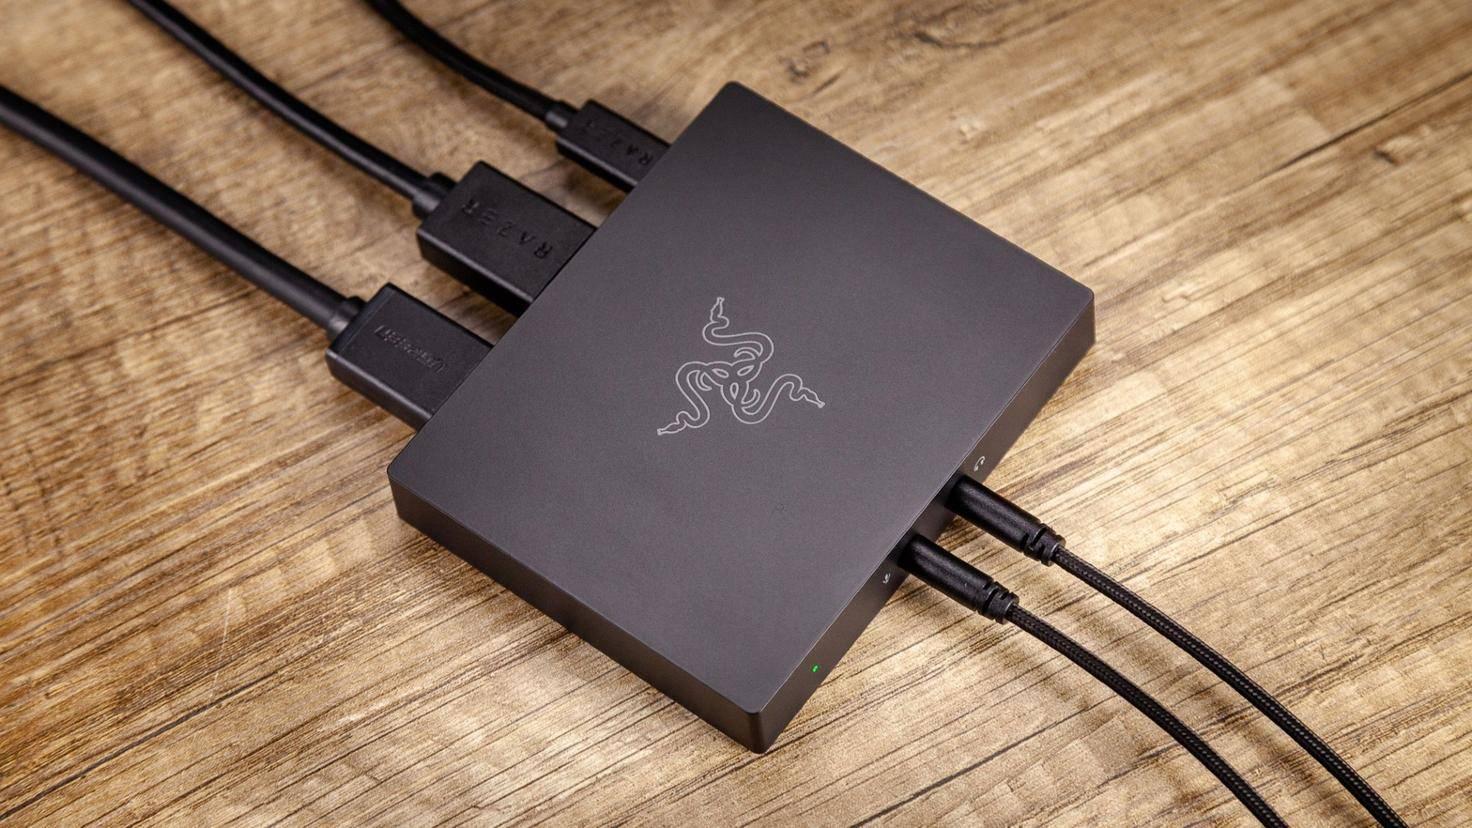 Nötige Kabel liegen der Ripsaw HD bei, Software dafür kaum.